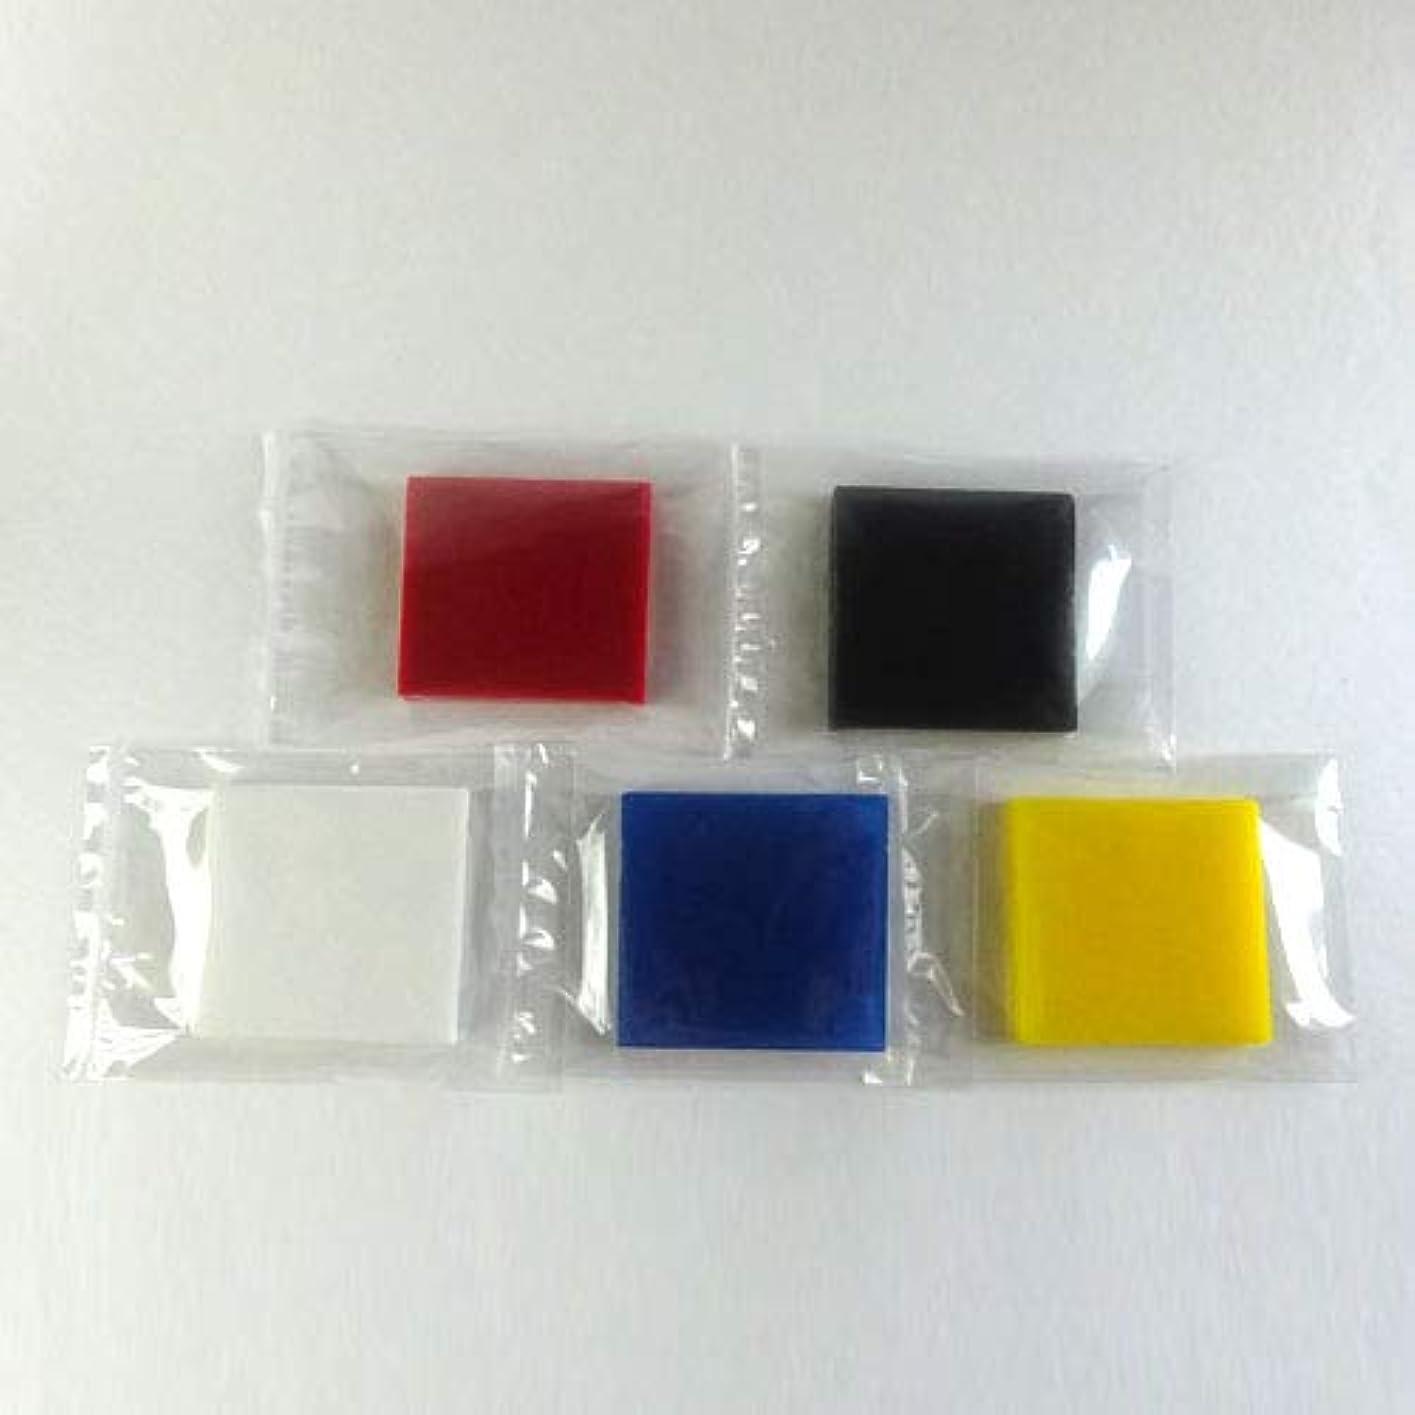 錆び感謝請求可能グリセリンソープ MPソープ 色チップ 5色(赤?青?黄?白?黒) 各60g(30g x 2pc)